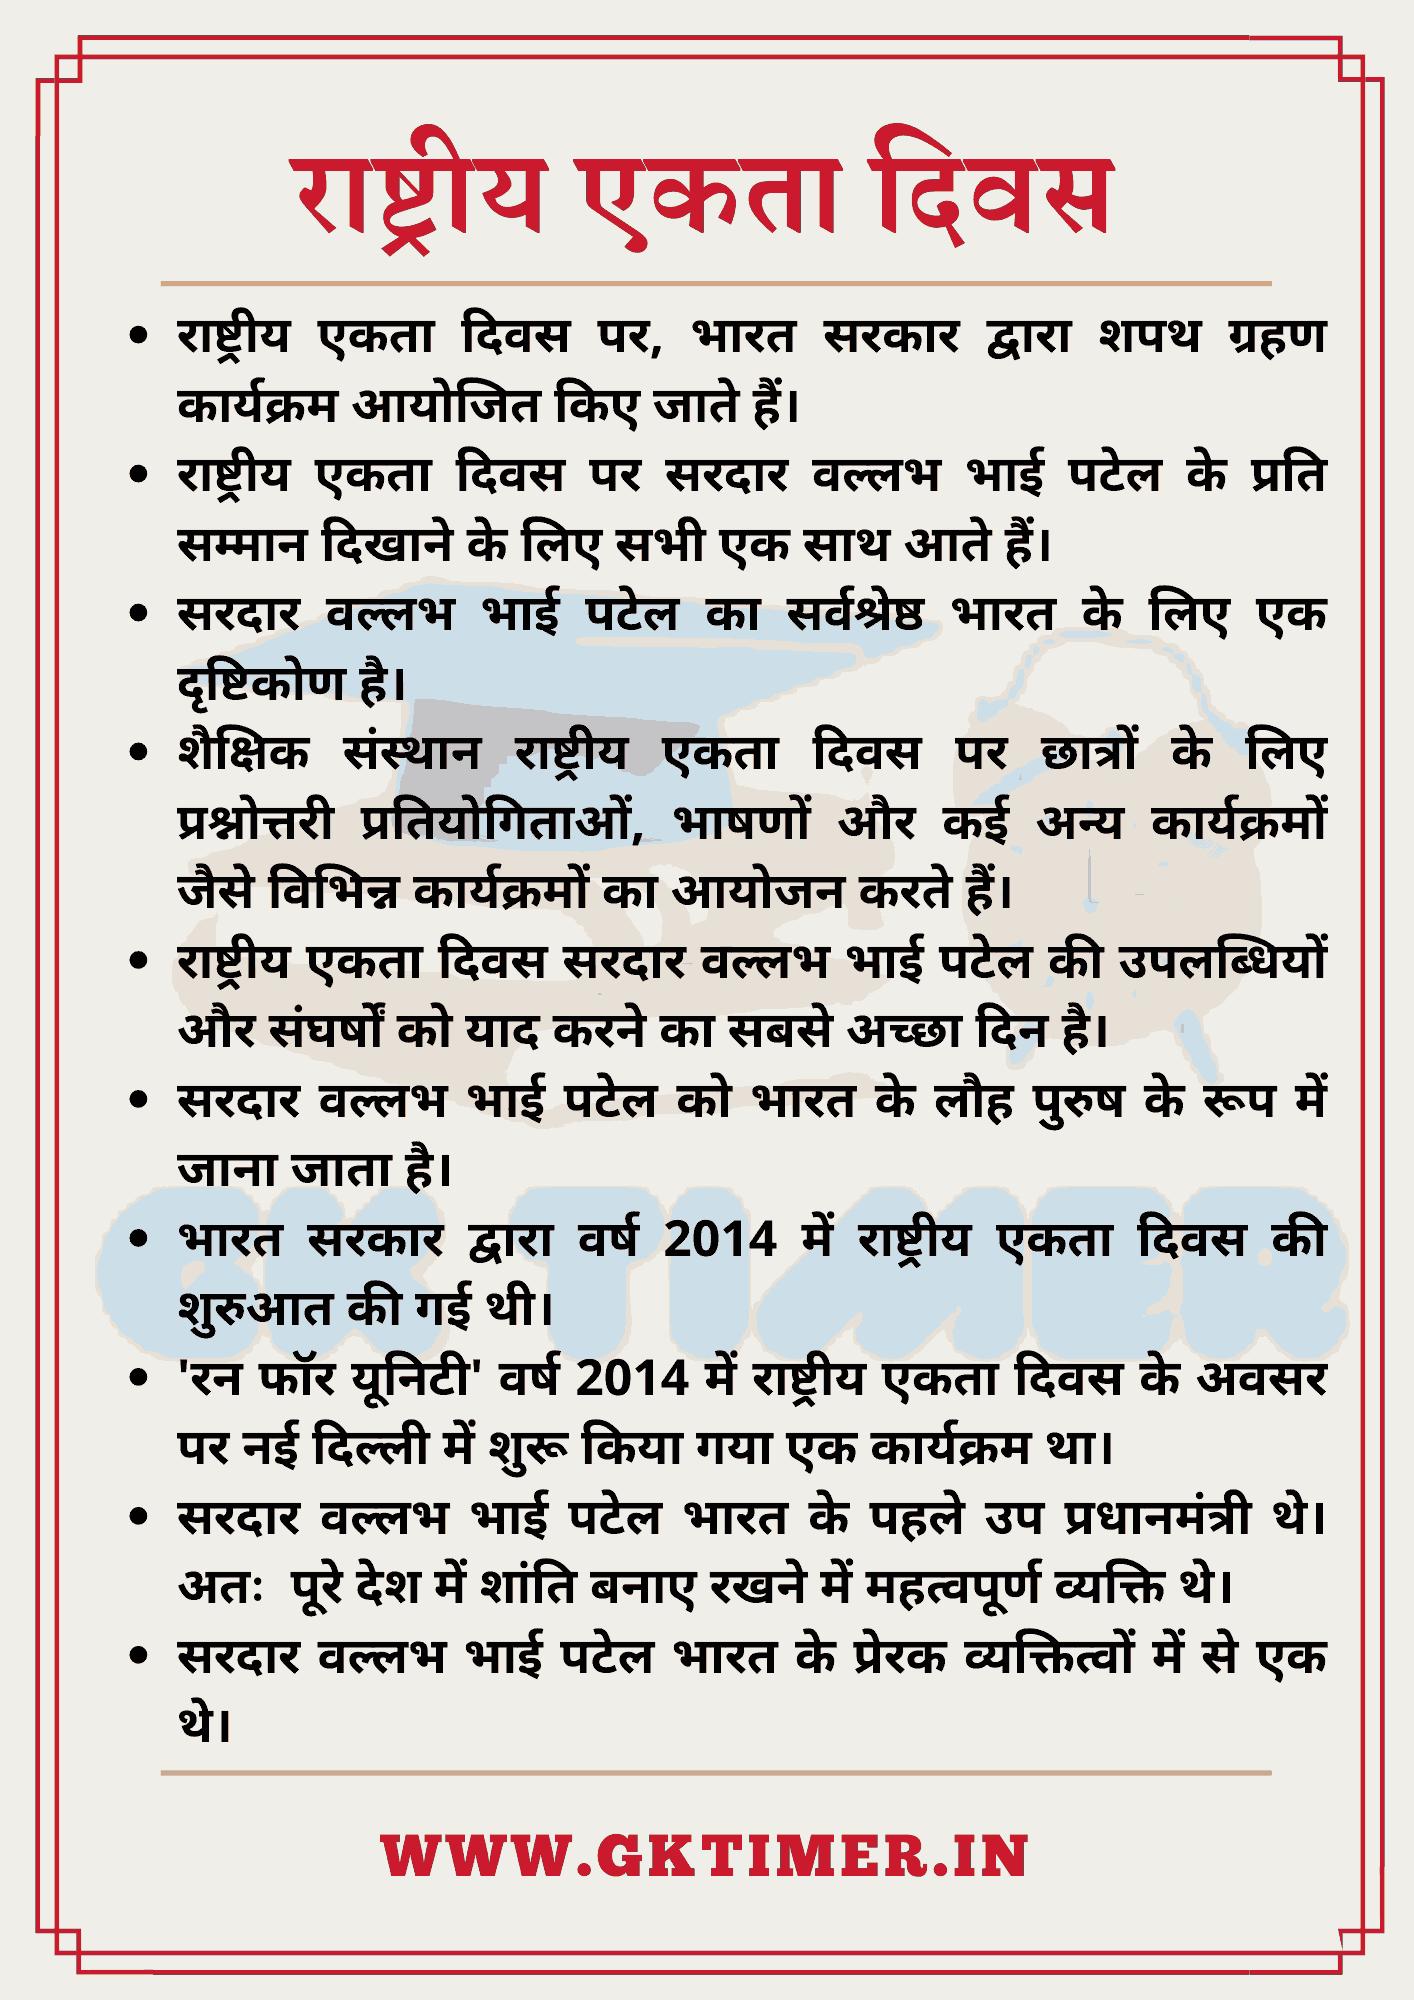 राष्ट्रीय एकता दिवस पर निबंध | Essay on National Unity Day in Hindi | 10 Lines on National Unity Day in Hindi